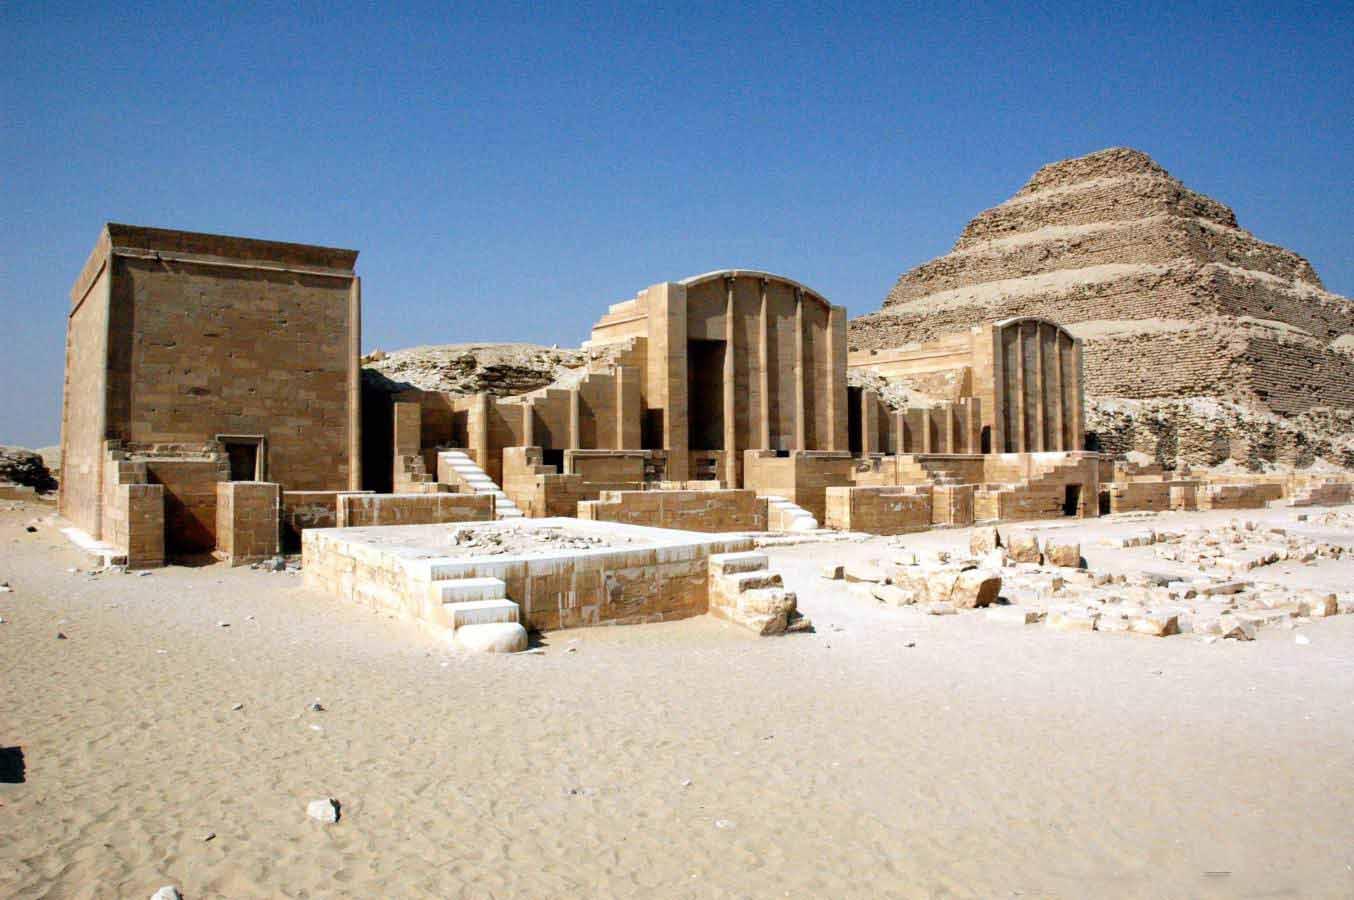 Гробница влиятельного визиря Меху впервые продемонстрирована публике в Саккаре